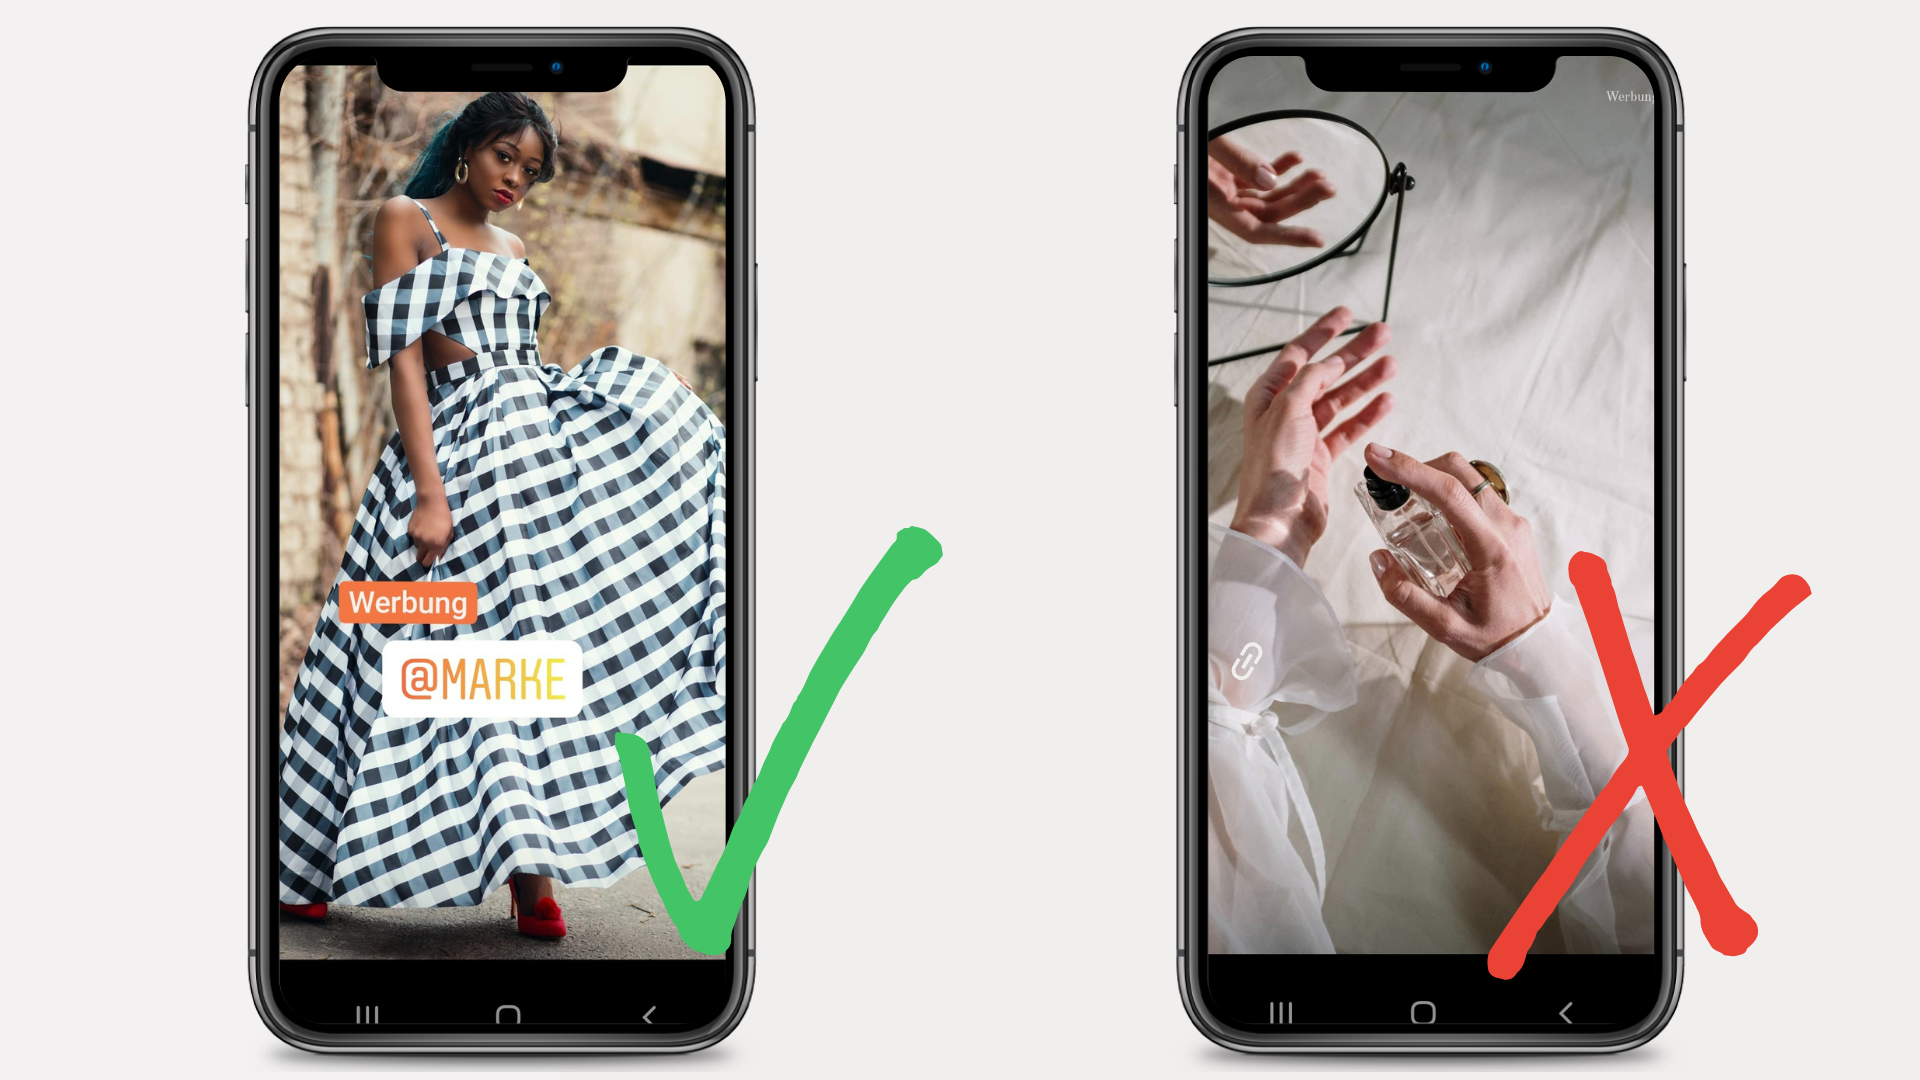 Beispiel für Instagram-Werbung richtig kennzeichnen in IG-Story: Werbung deutlich und sichtbar gesetzt vs. Werbung schlecht lesbar